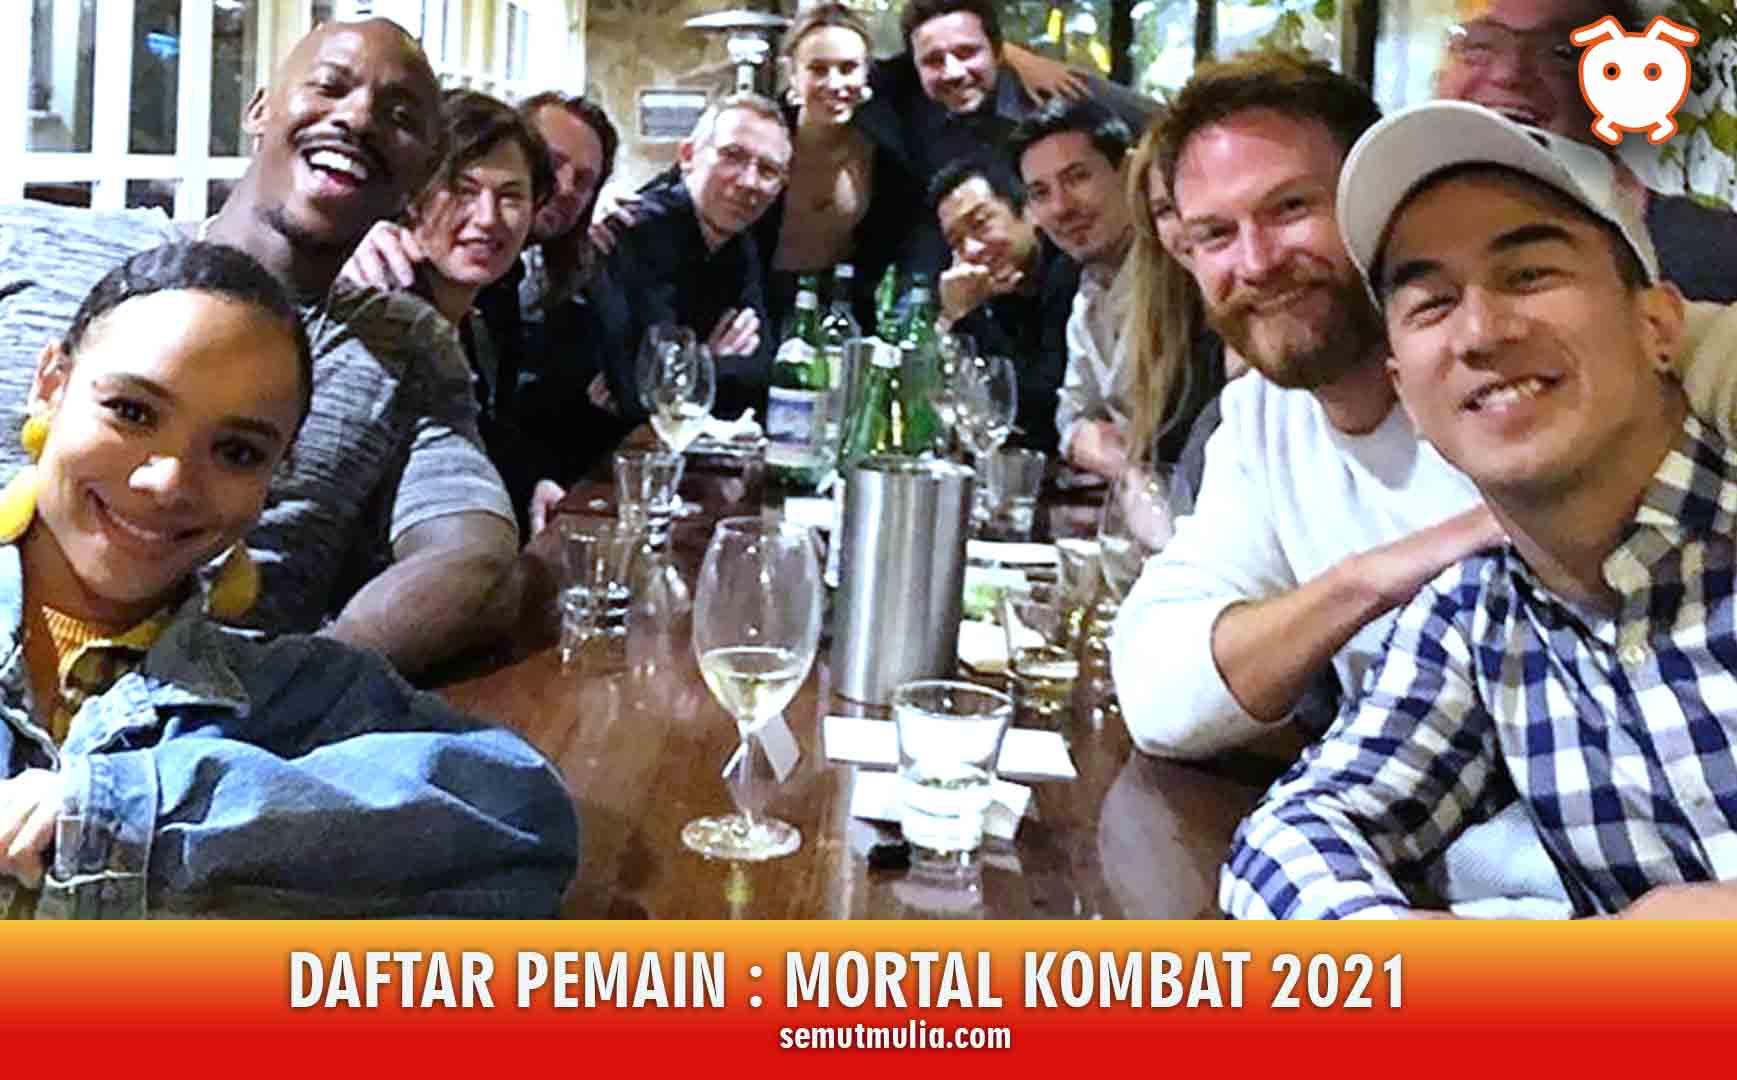 Daftar Pemain Mortal Kombat 2021